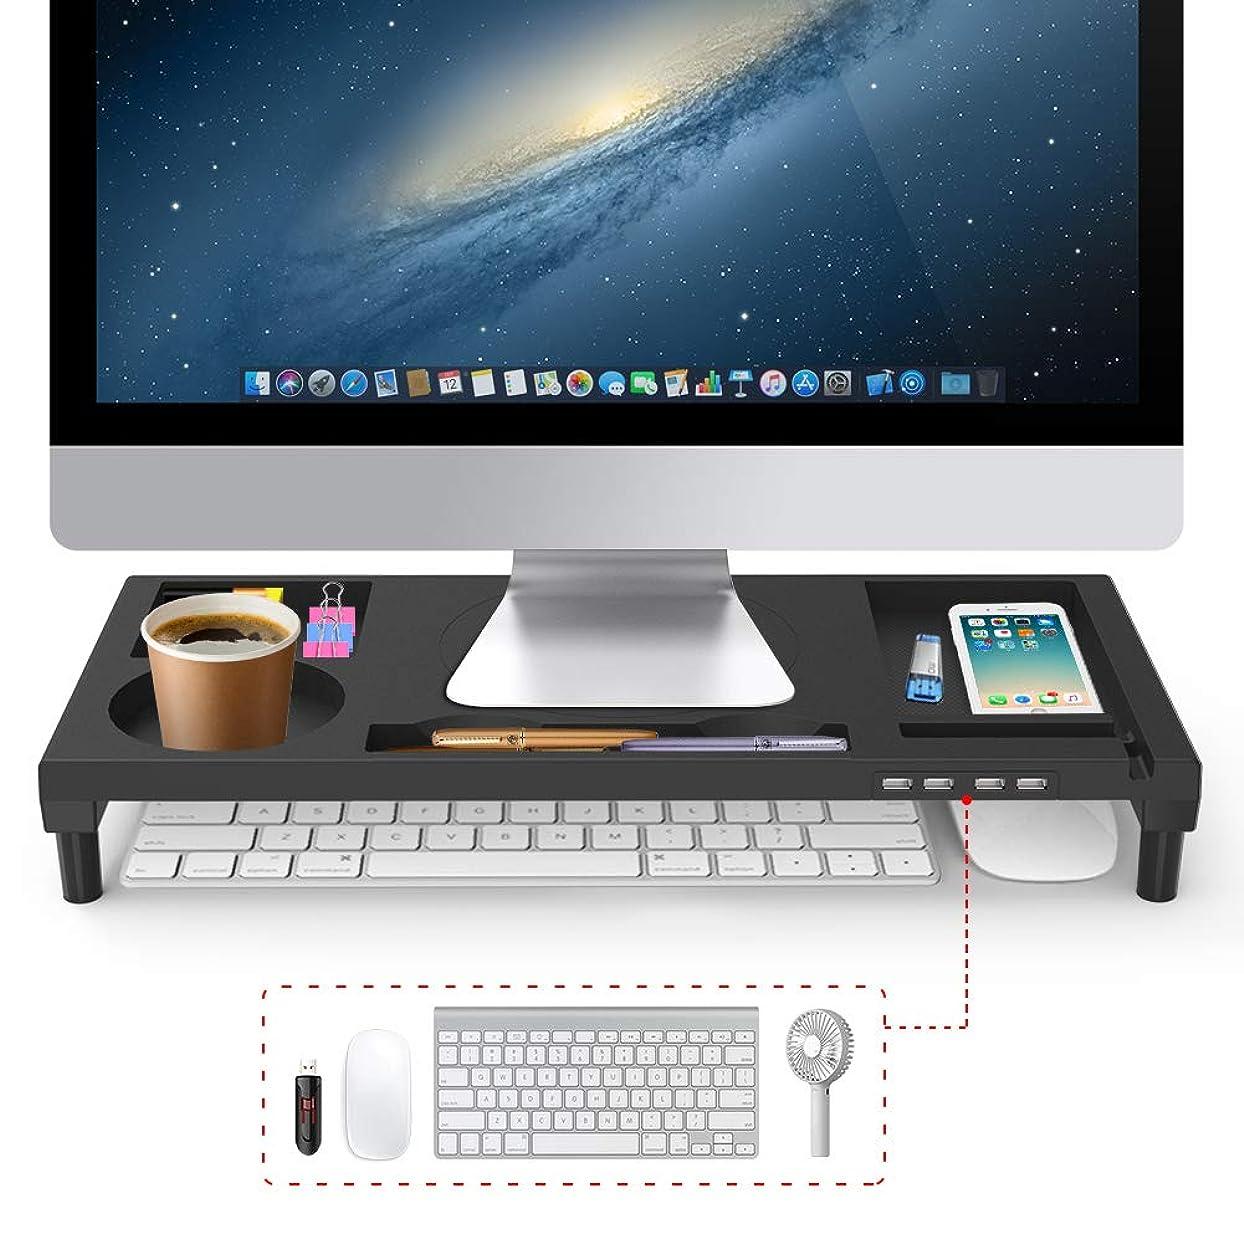 トン学生あごVOOPII モニター台 机上台 パソコン台 モニタースタンド 4 USBポート パソコンスタンド 収納力抜群 便利 ブラック